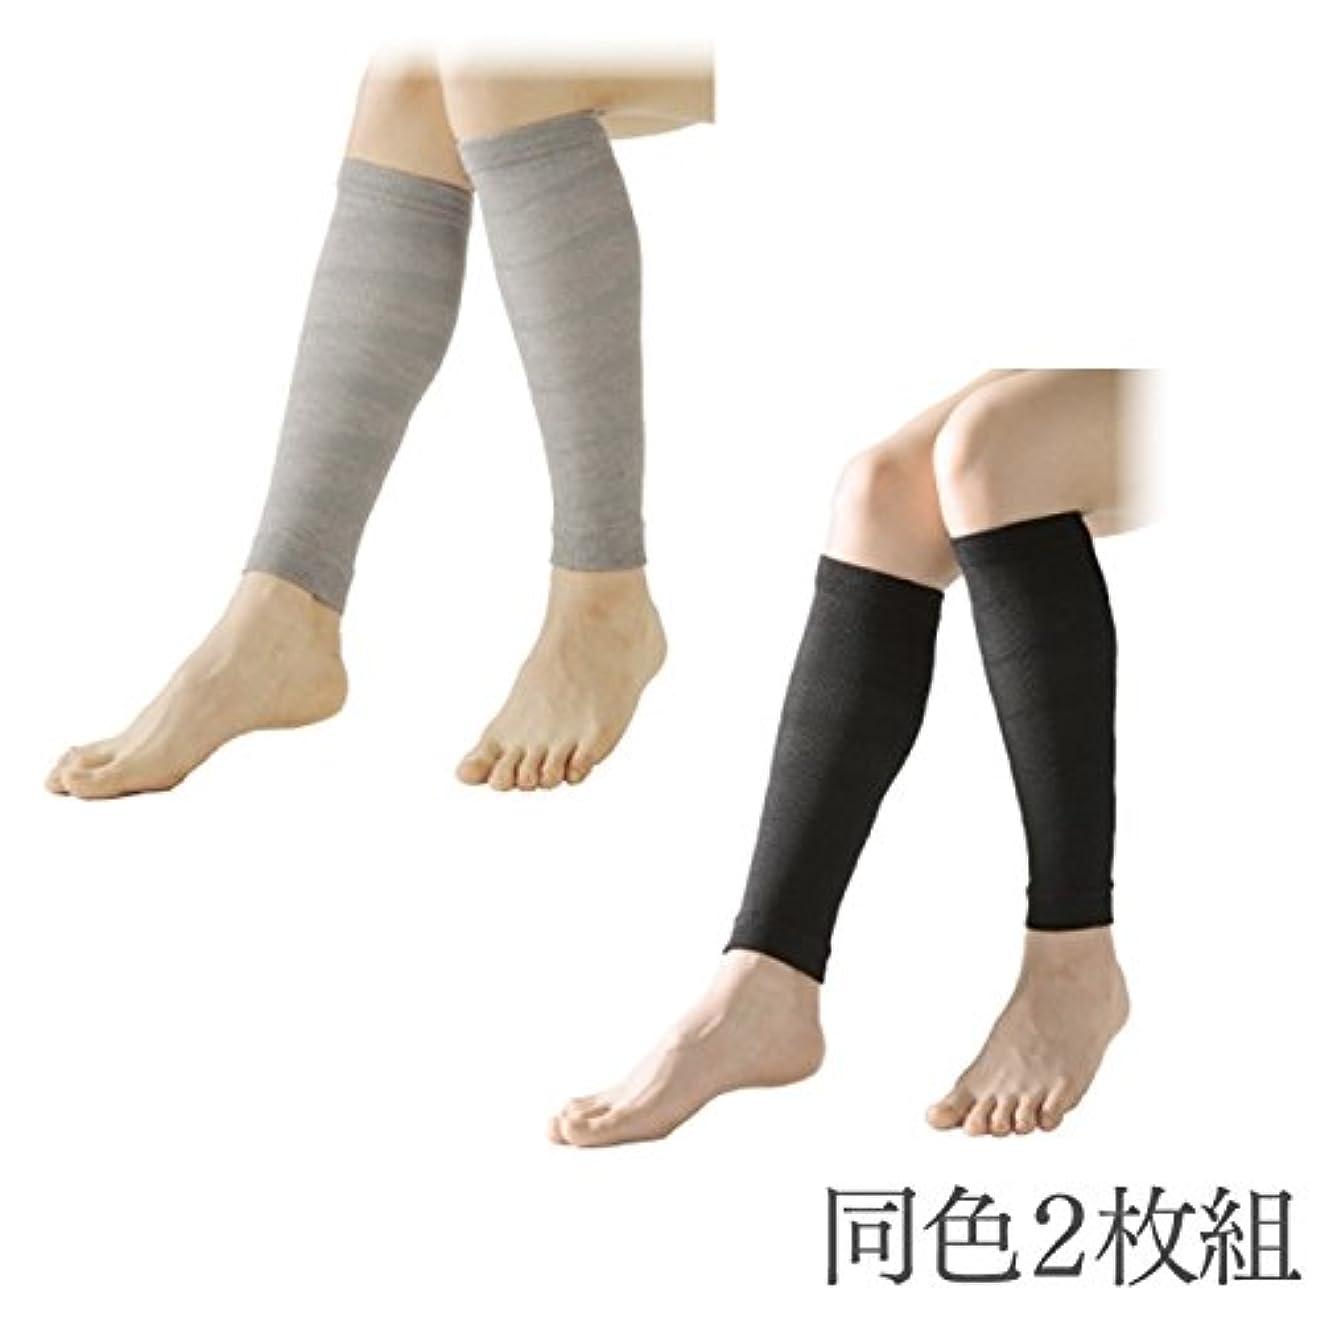 無実一般化するかわいらしい着圧ソックス 足のむくみ 靴下 むくみ解消 着圧ふくらはぎサポーター 2枚組(グレー)